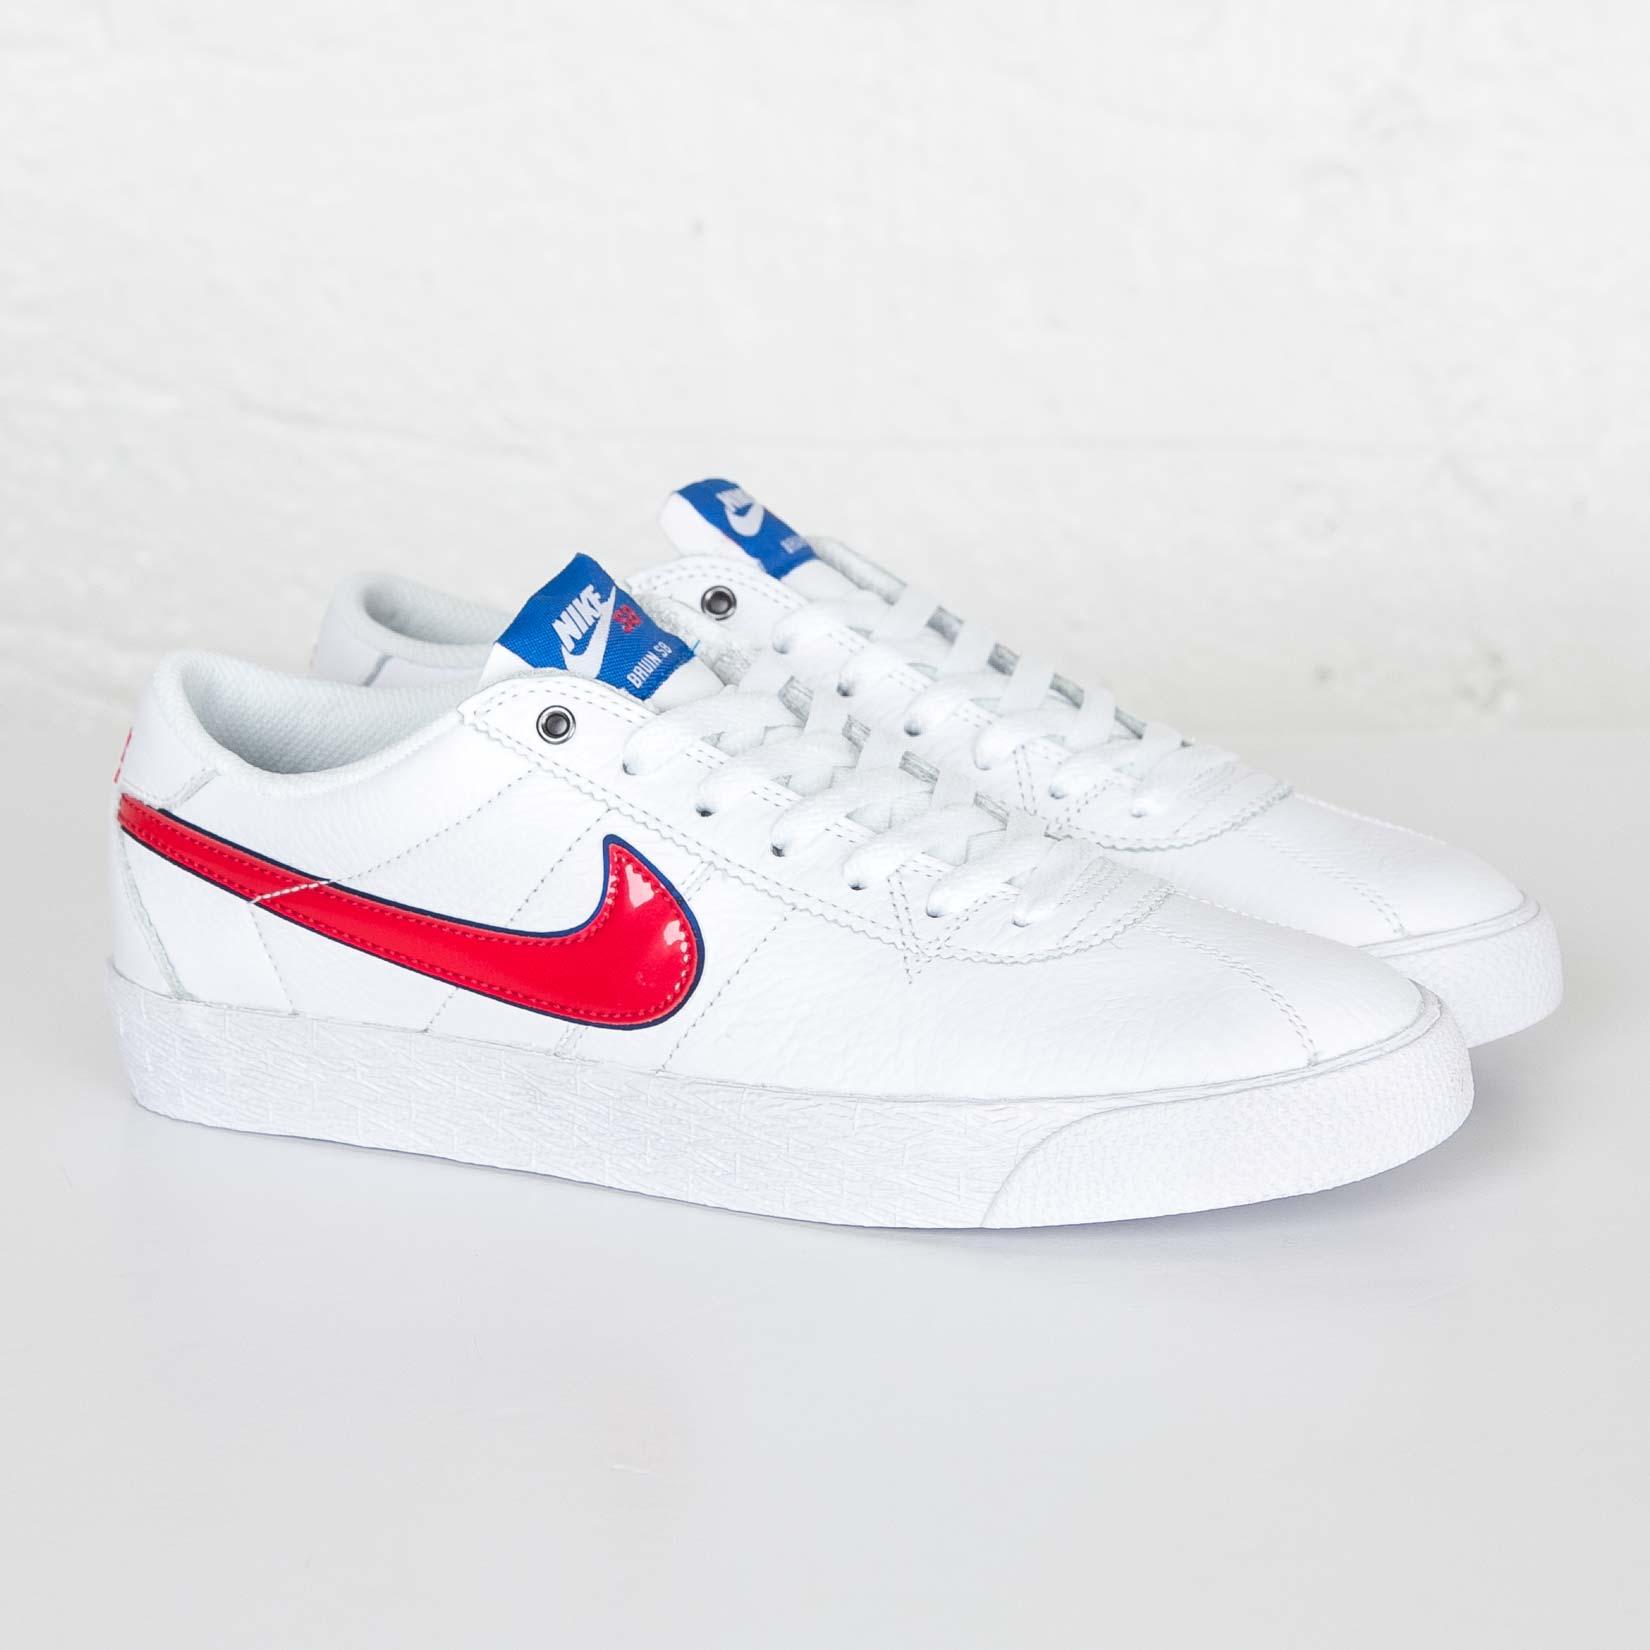 outlet store 9215d 006c4 Nike Bruin SB Premium SE QS